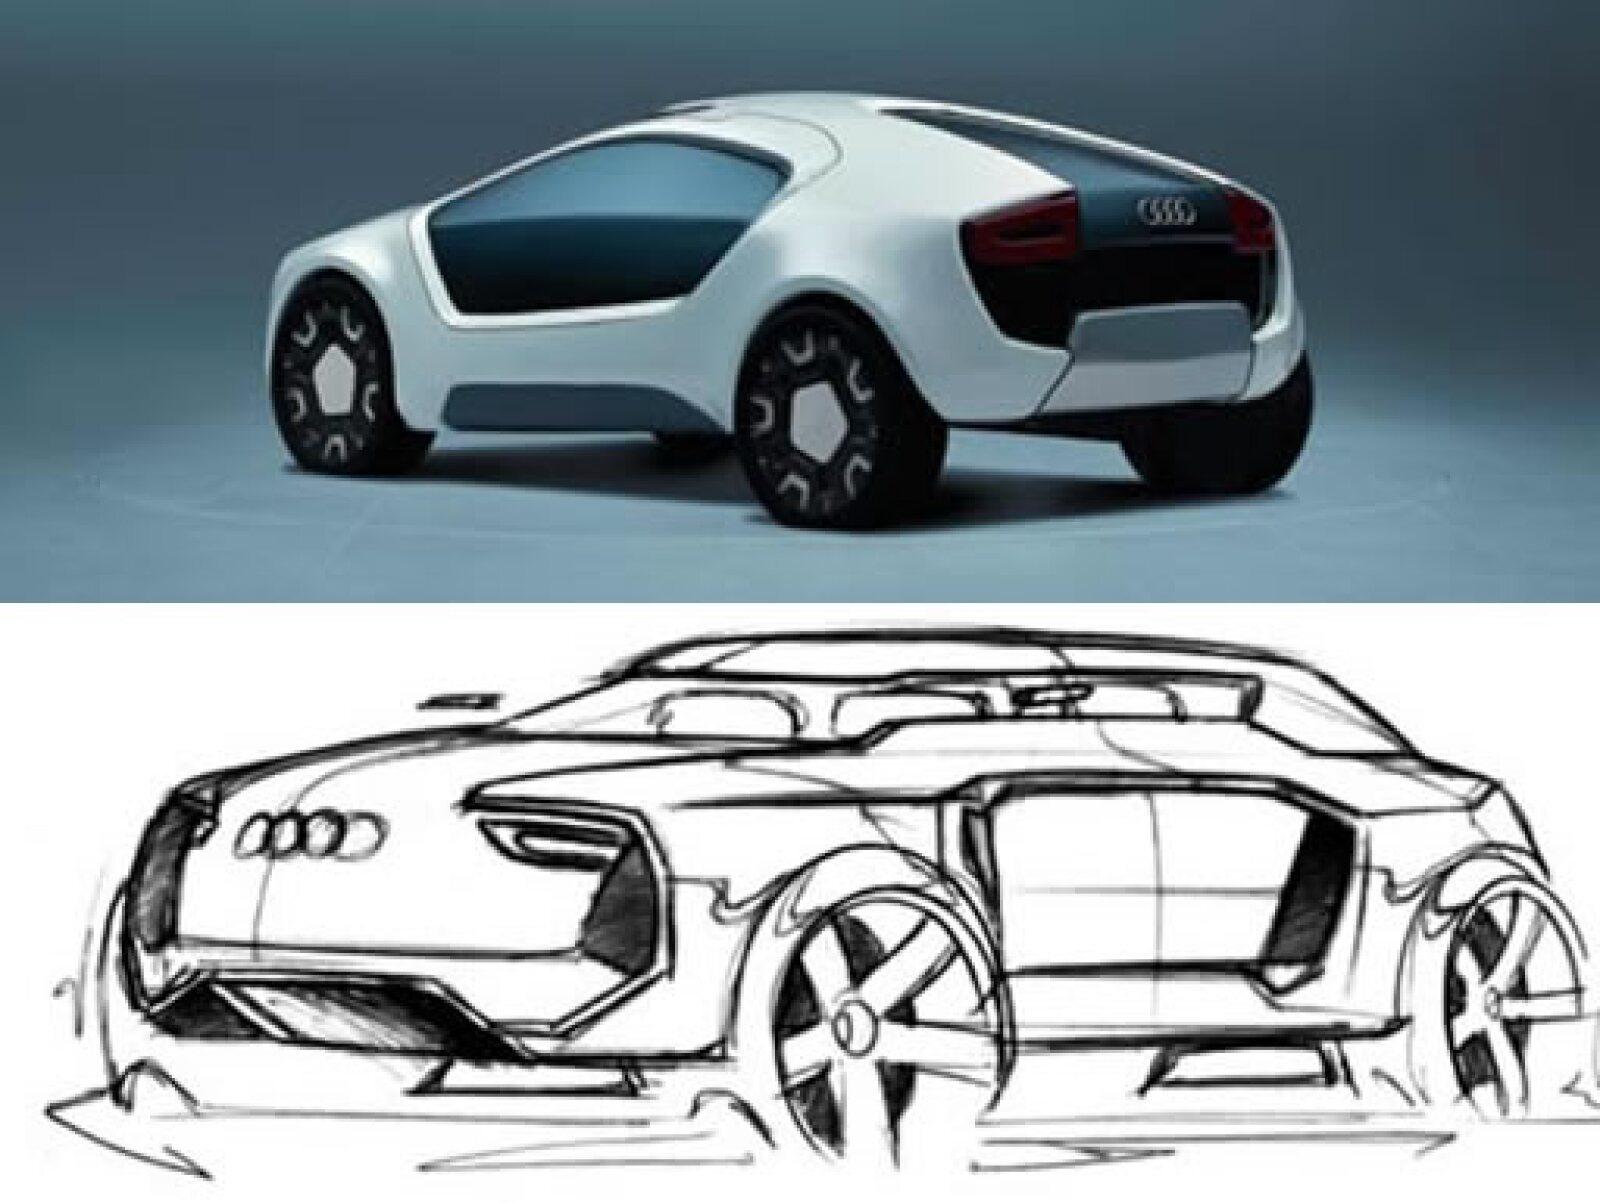 La Universidad de Ciencias Aplicadas de Munich trabajó con Audi para diseñar autos del futuro. El tema era canalizar la tecnología hacia energías sostenibles, respetuosas con el ambiente.